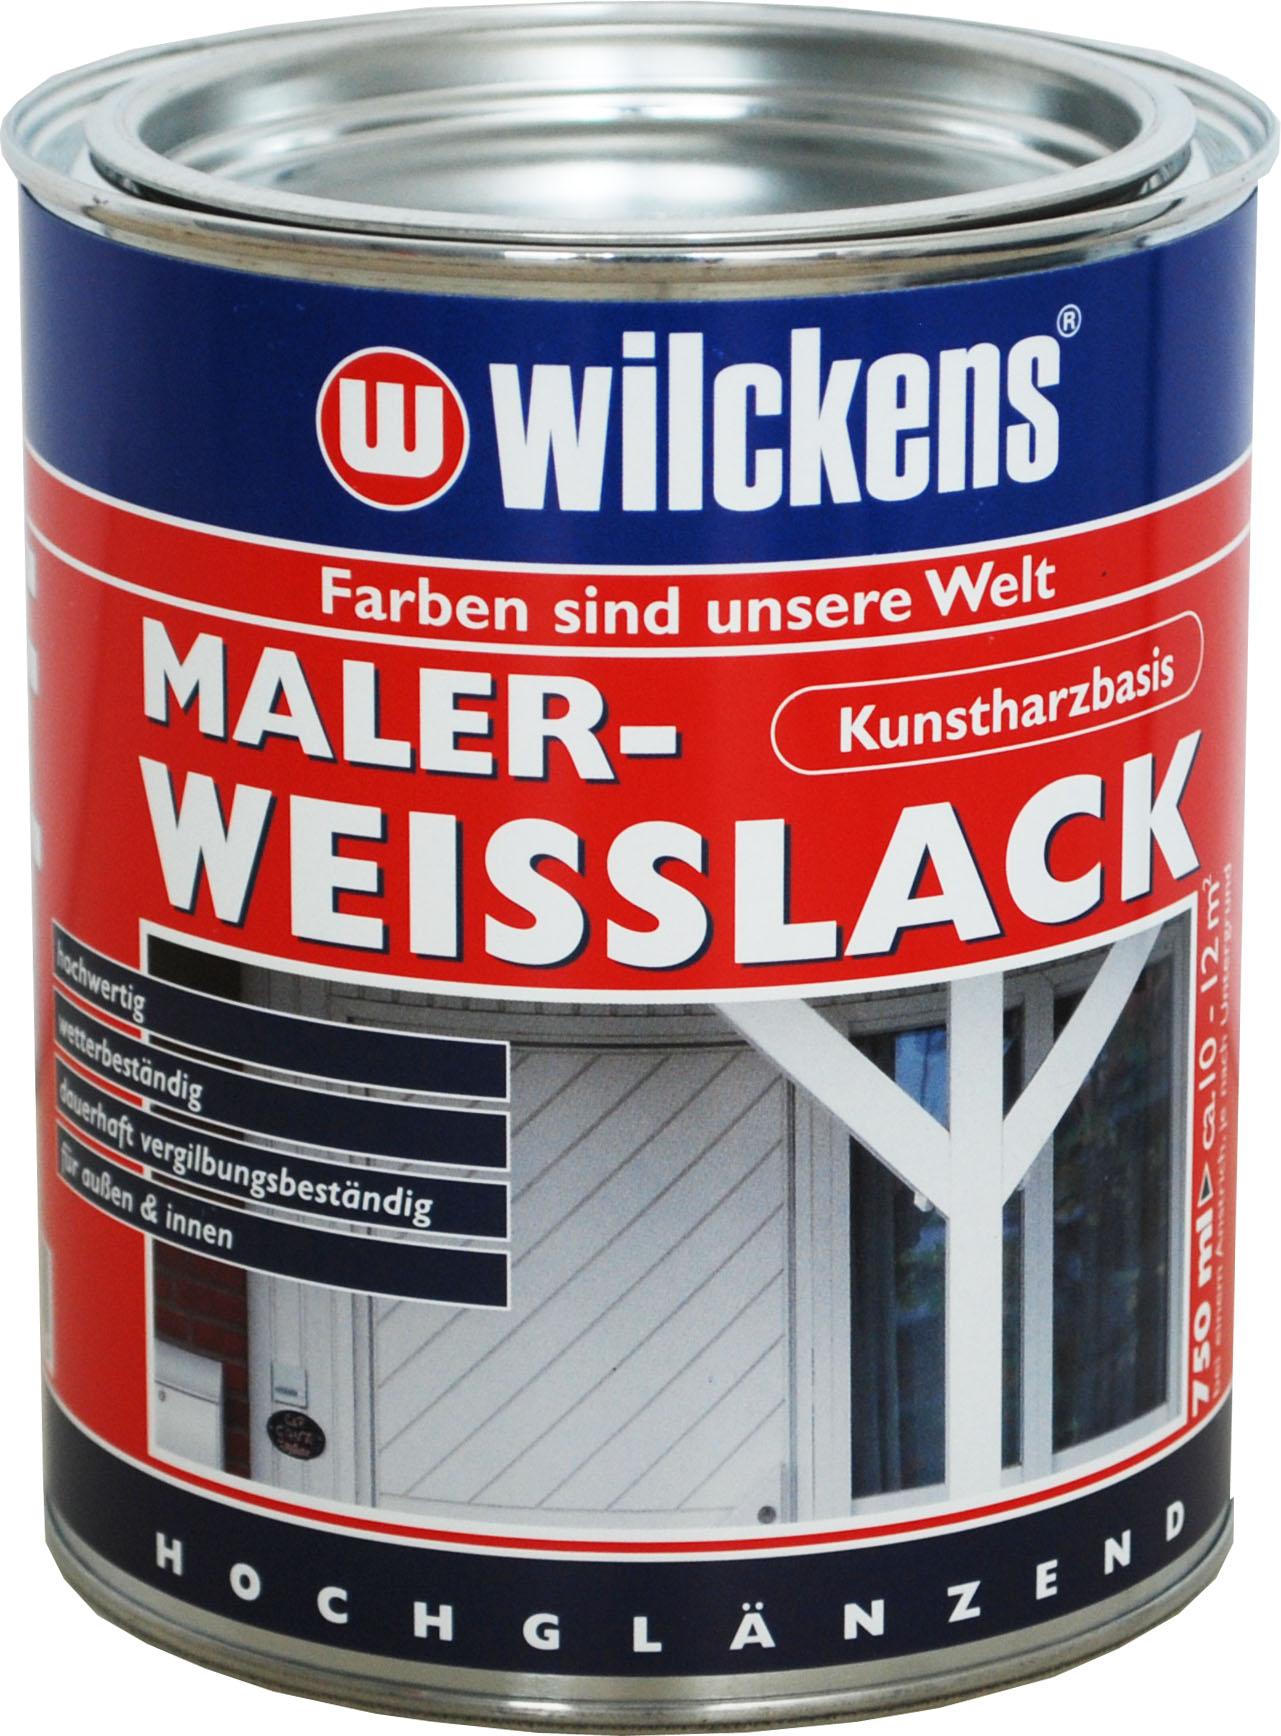 maler weisslack kunstharz m bellack 14 65 l holzlack wei holz lack malerwei ebay. Black Bedroom Furniture Sets. Home Design Ideas